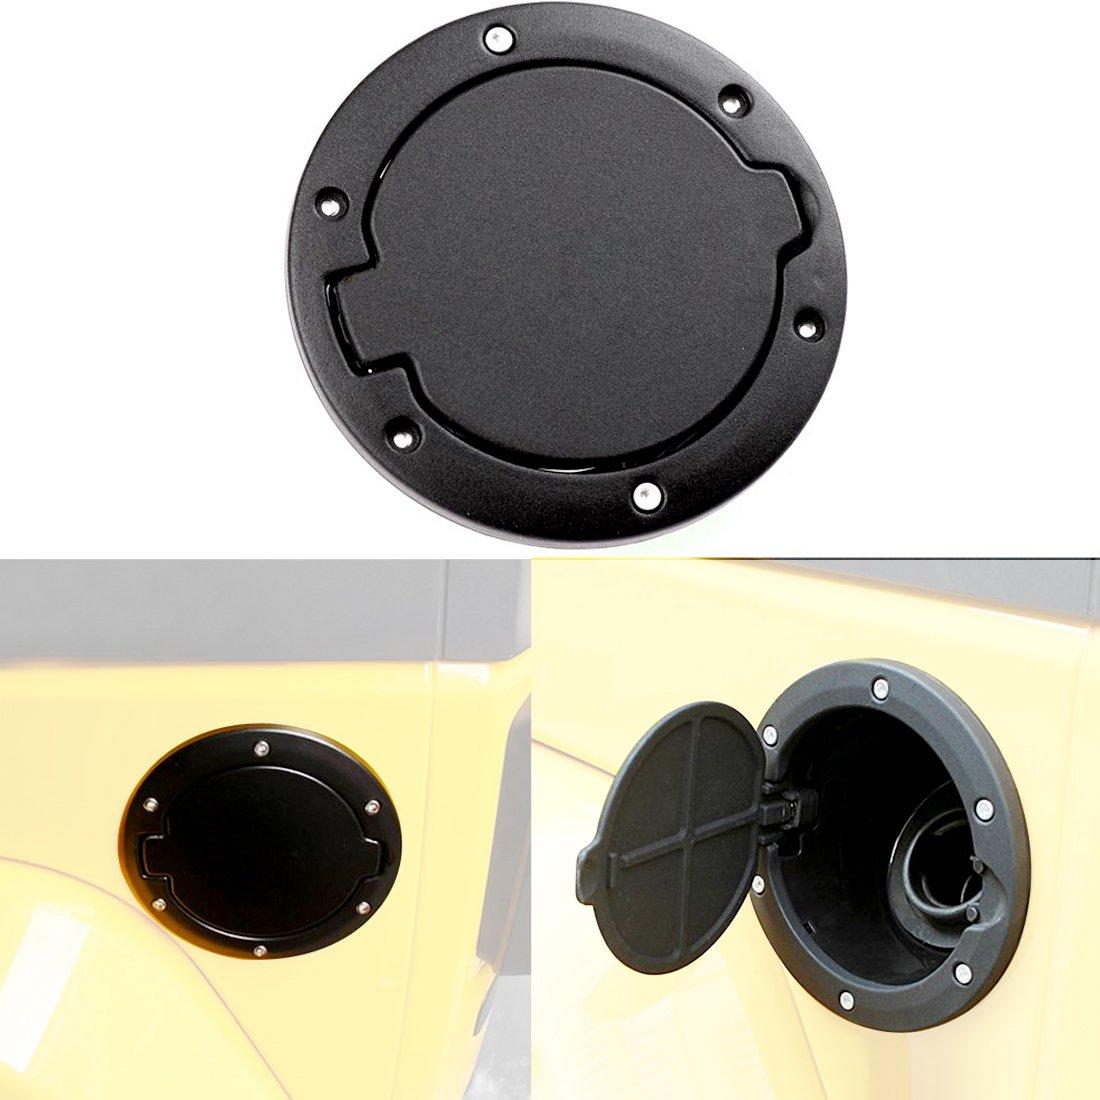 AutoOcean Black Powder Coated Steel Gas Fuel Tank Gas Cap Cover Accessories for 4 Door 2 Door 2007-2016 Jeep Wrangler JK & Unlimited